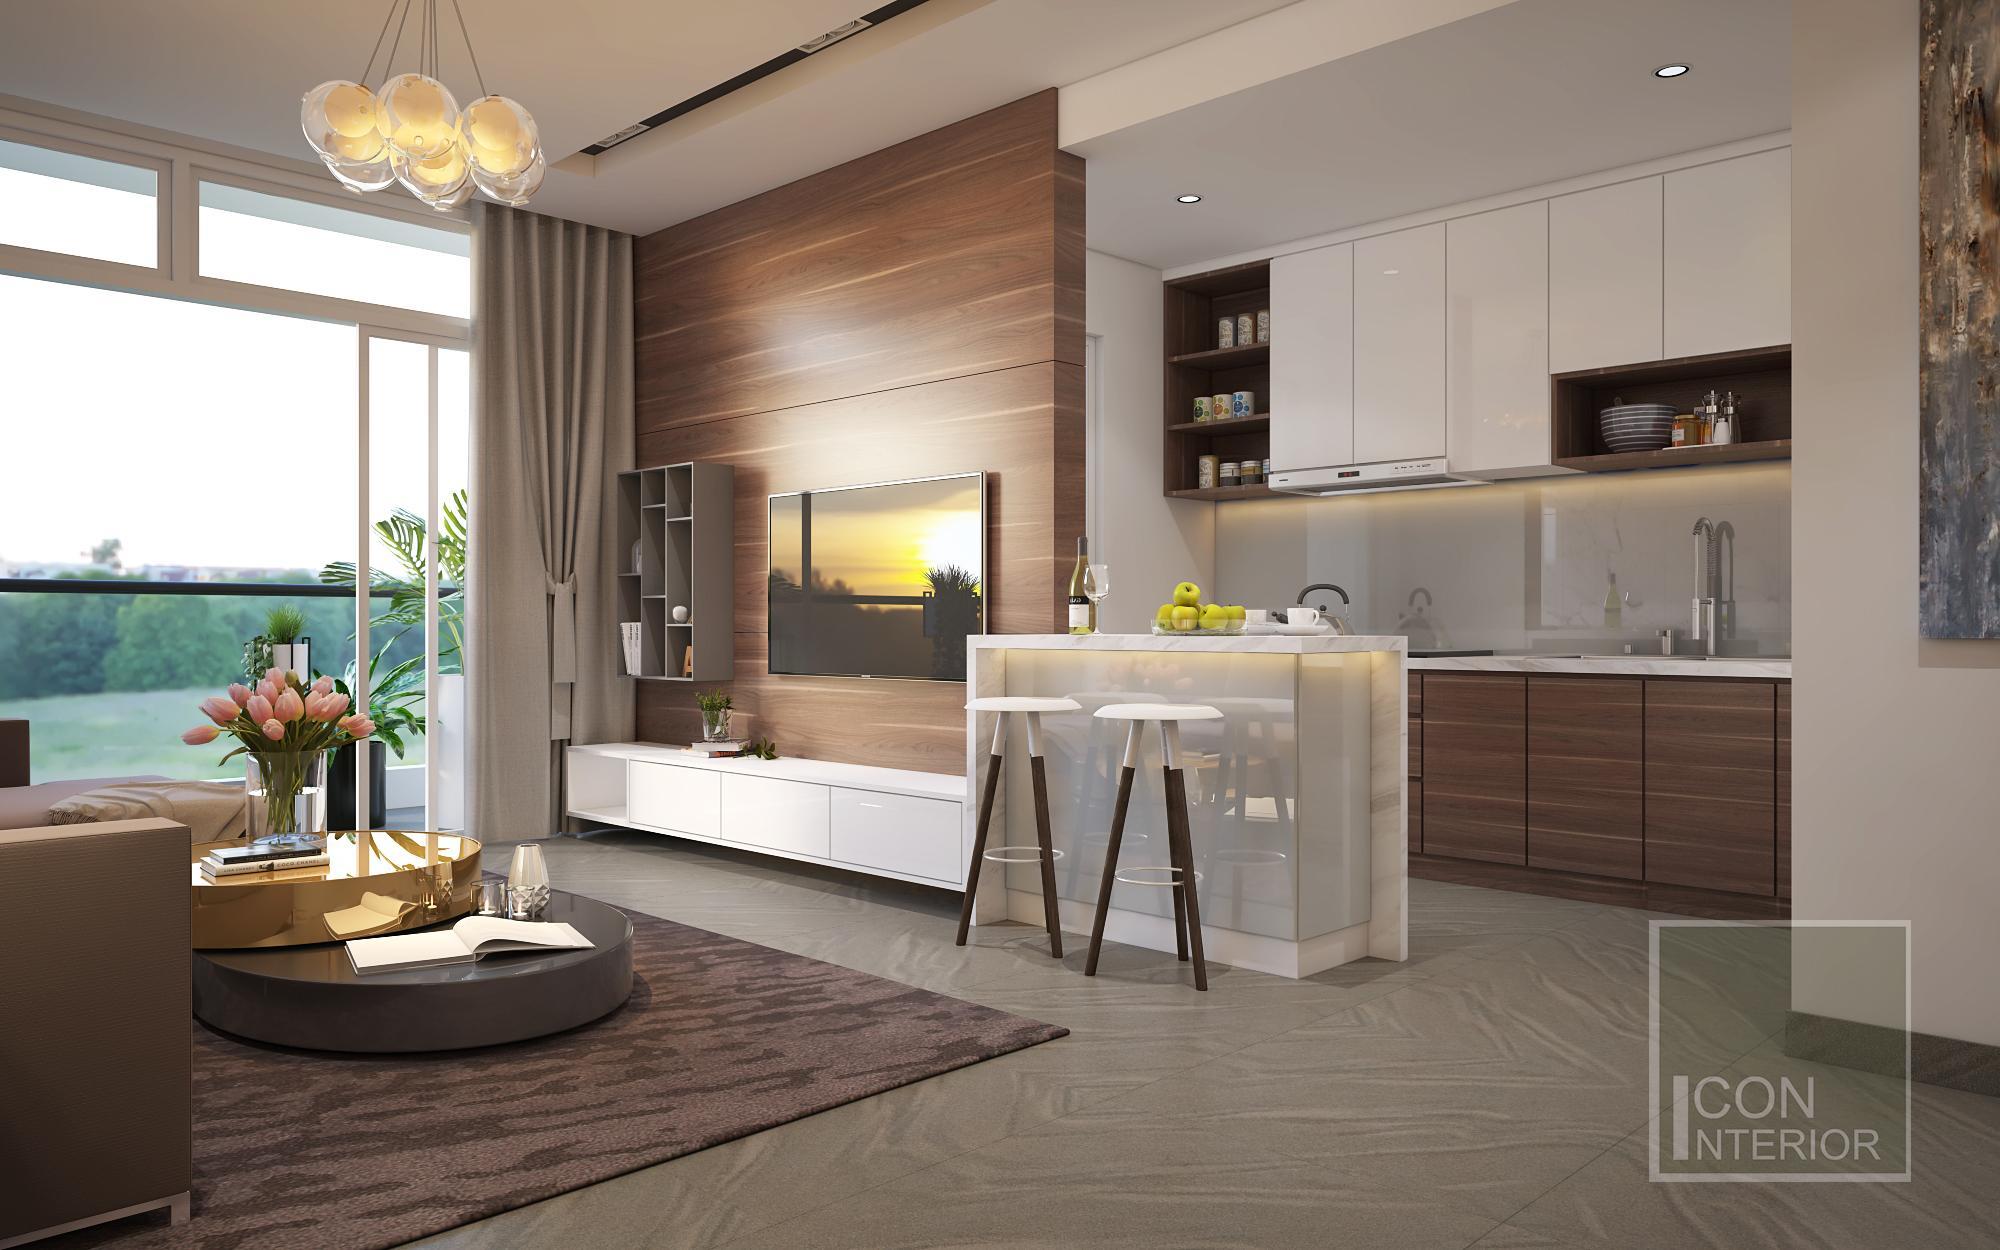 Thiết kế tủ bếp mdf cho không gian mở